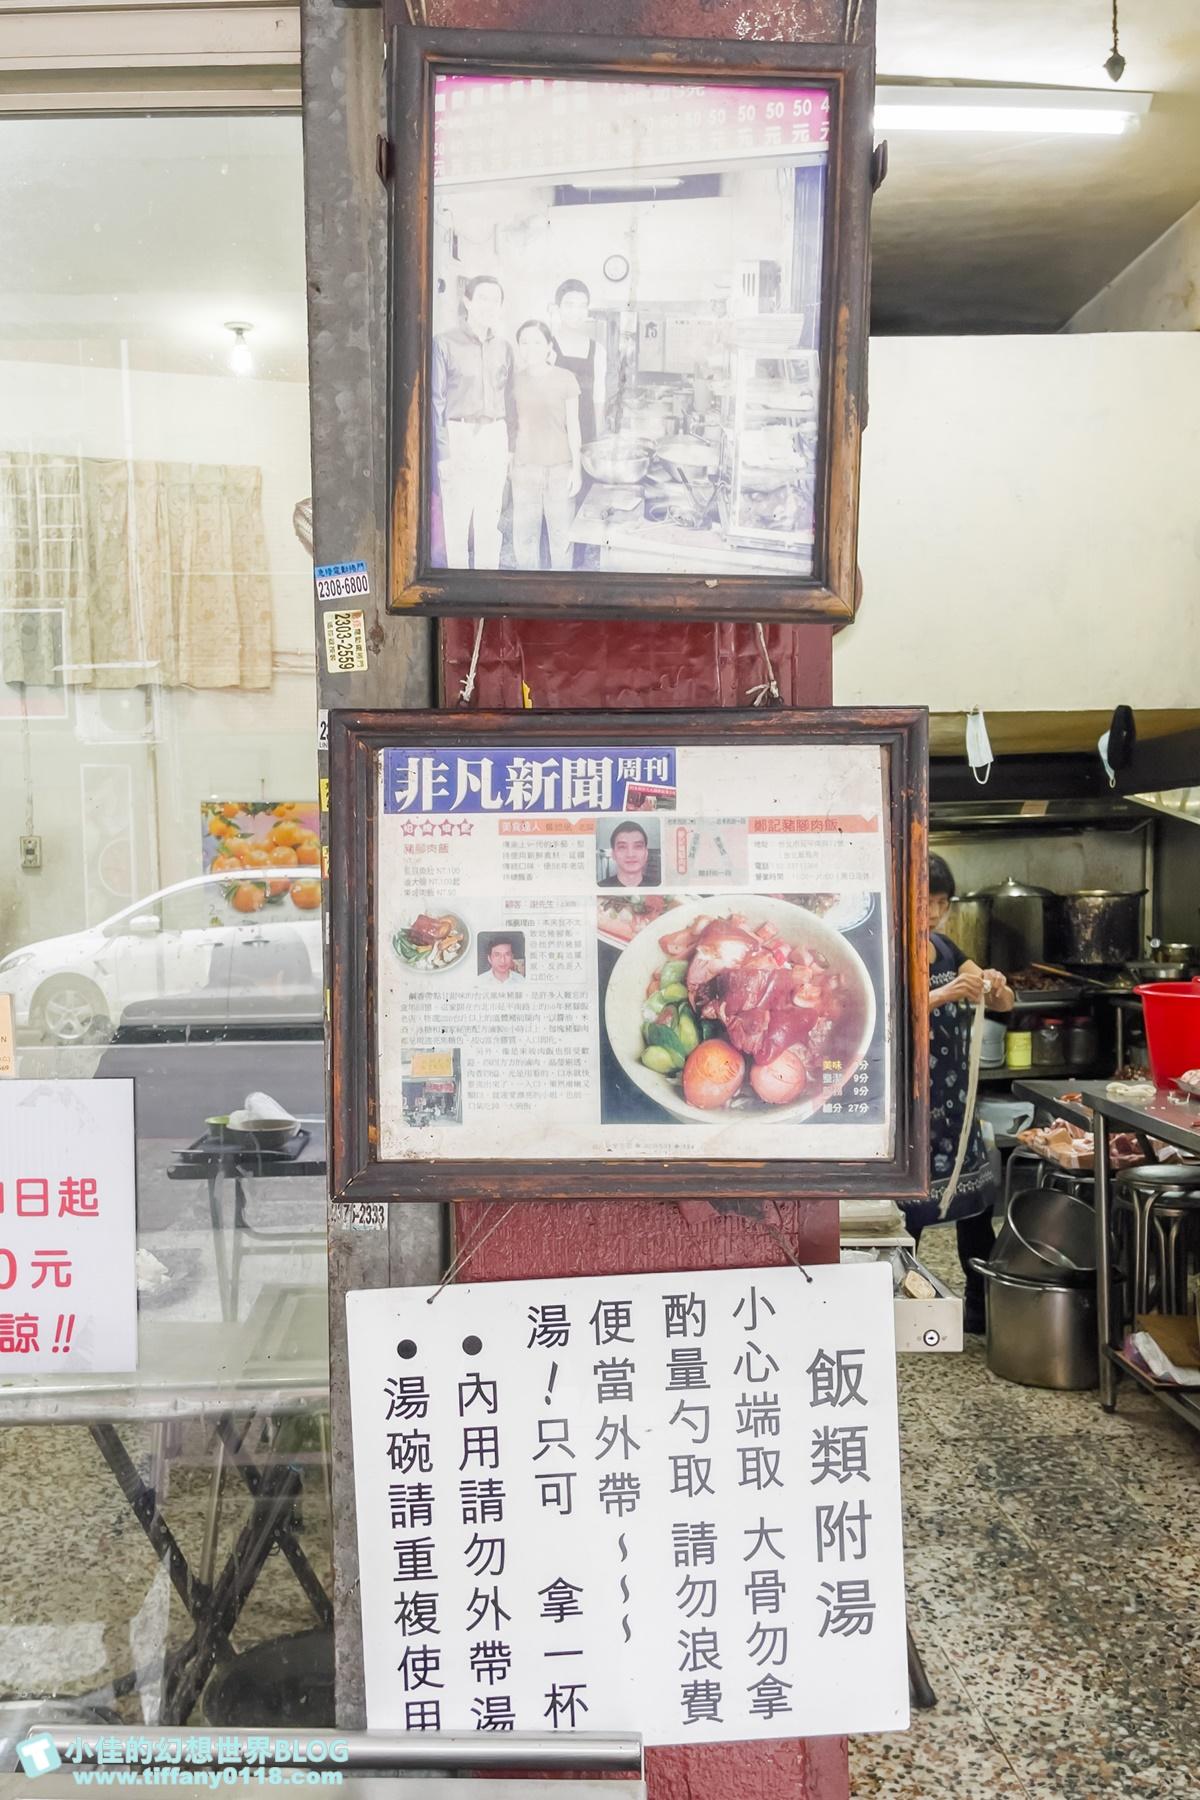 [台北美食]鄭記豬腳飯/北門站飄香超過60年的排隊老店/黑金東坡肉滷超透/大骨湯免費喝到飽